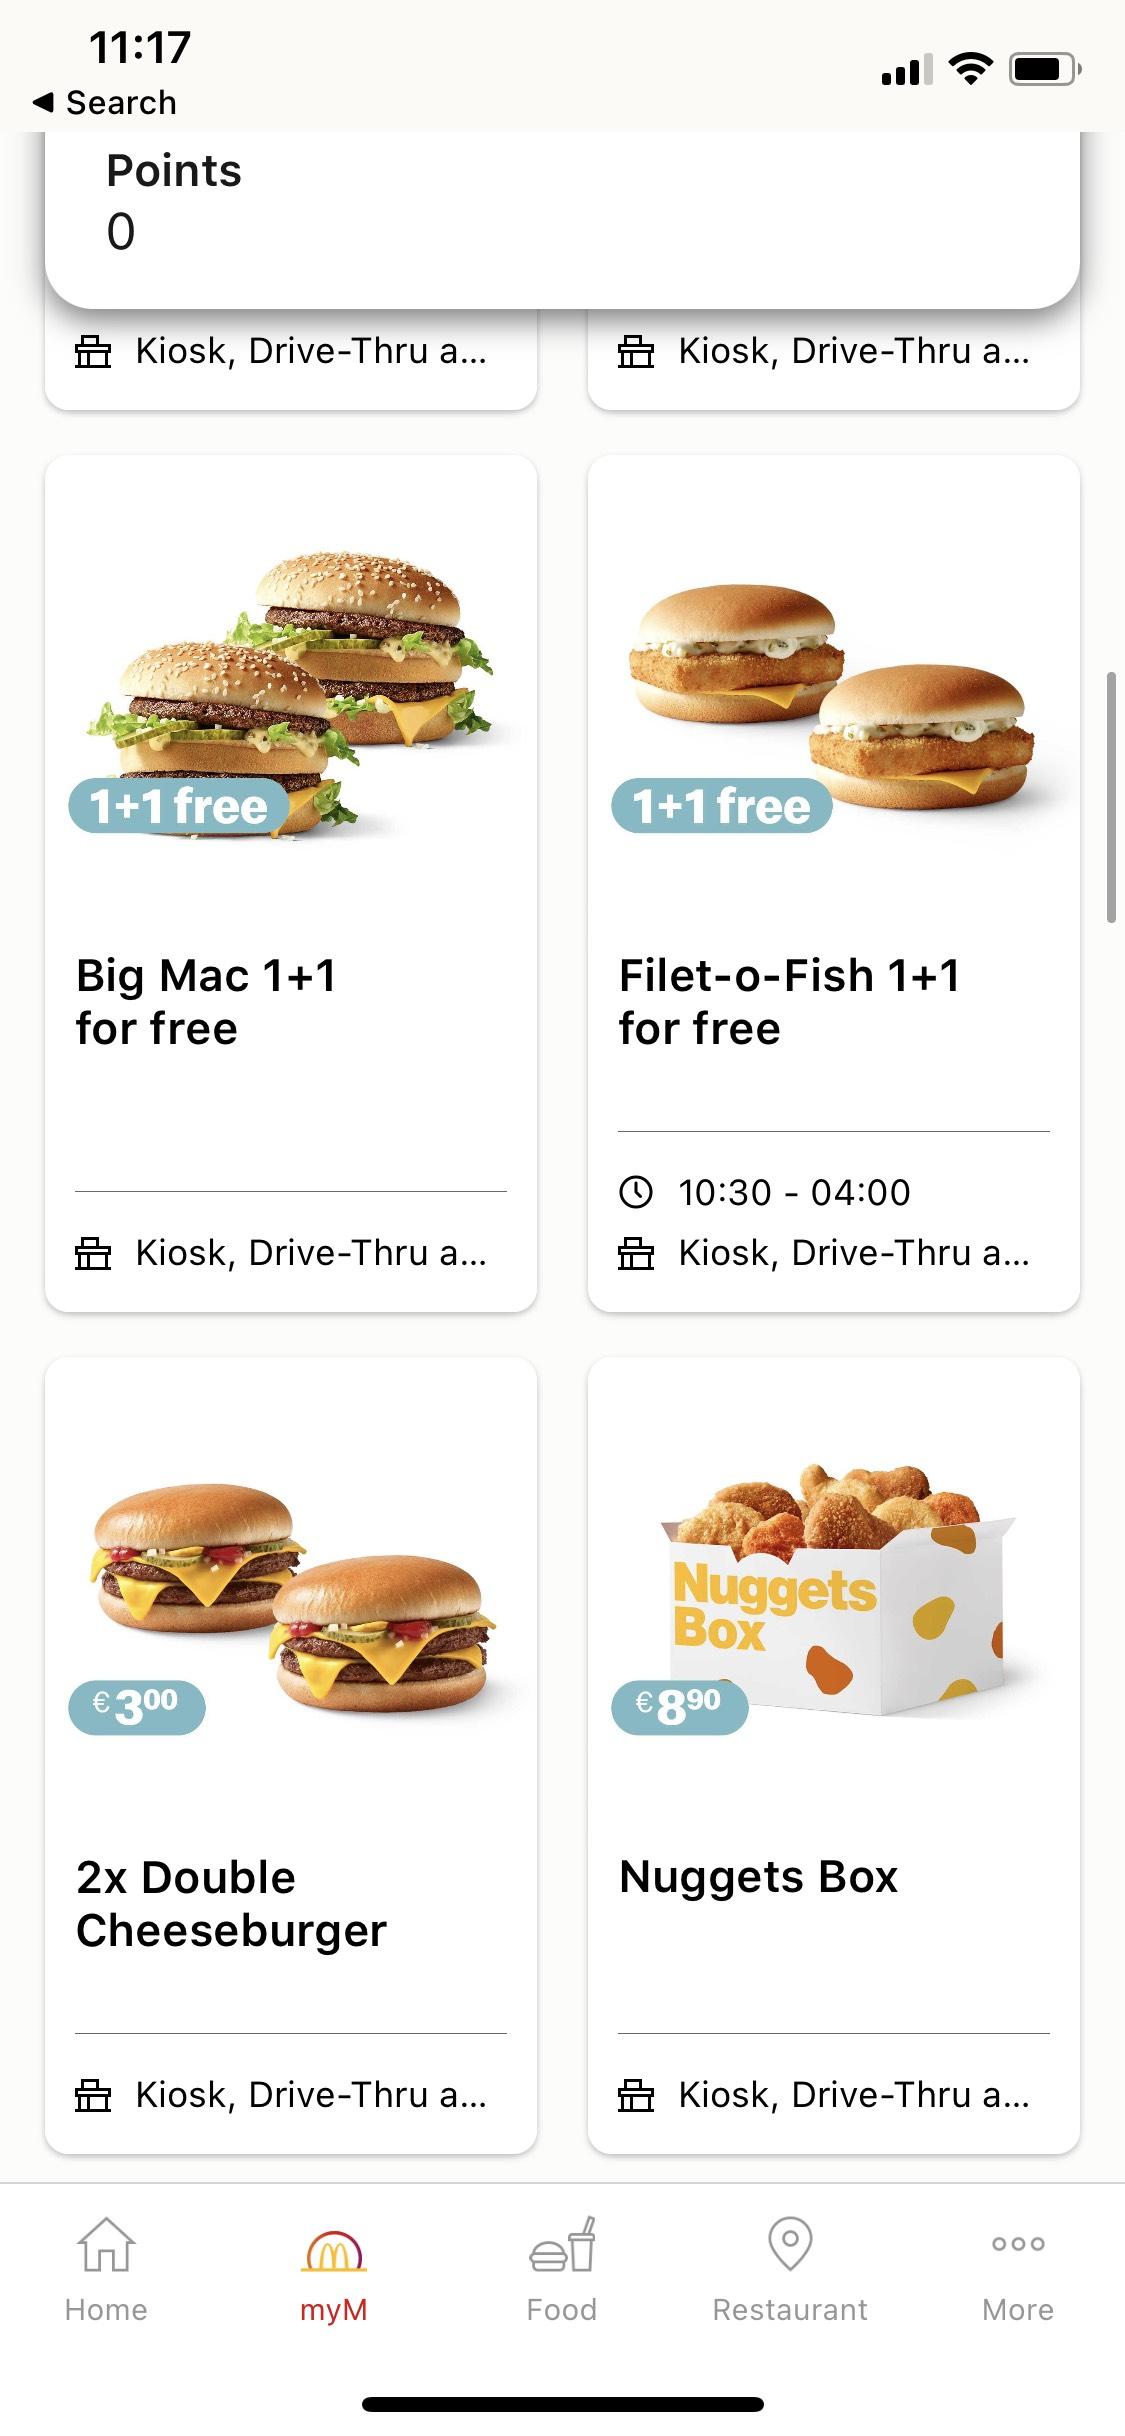 Neue Geile Gutscheine in Mci App